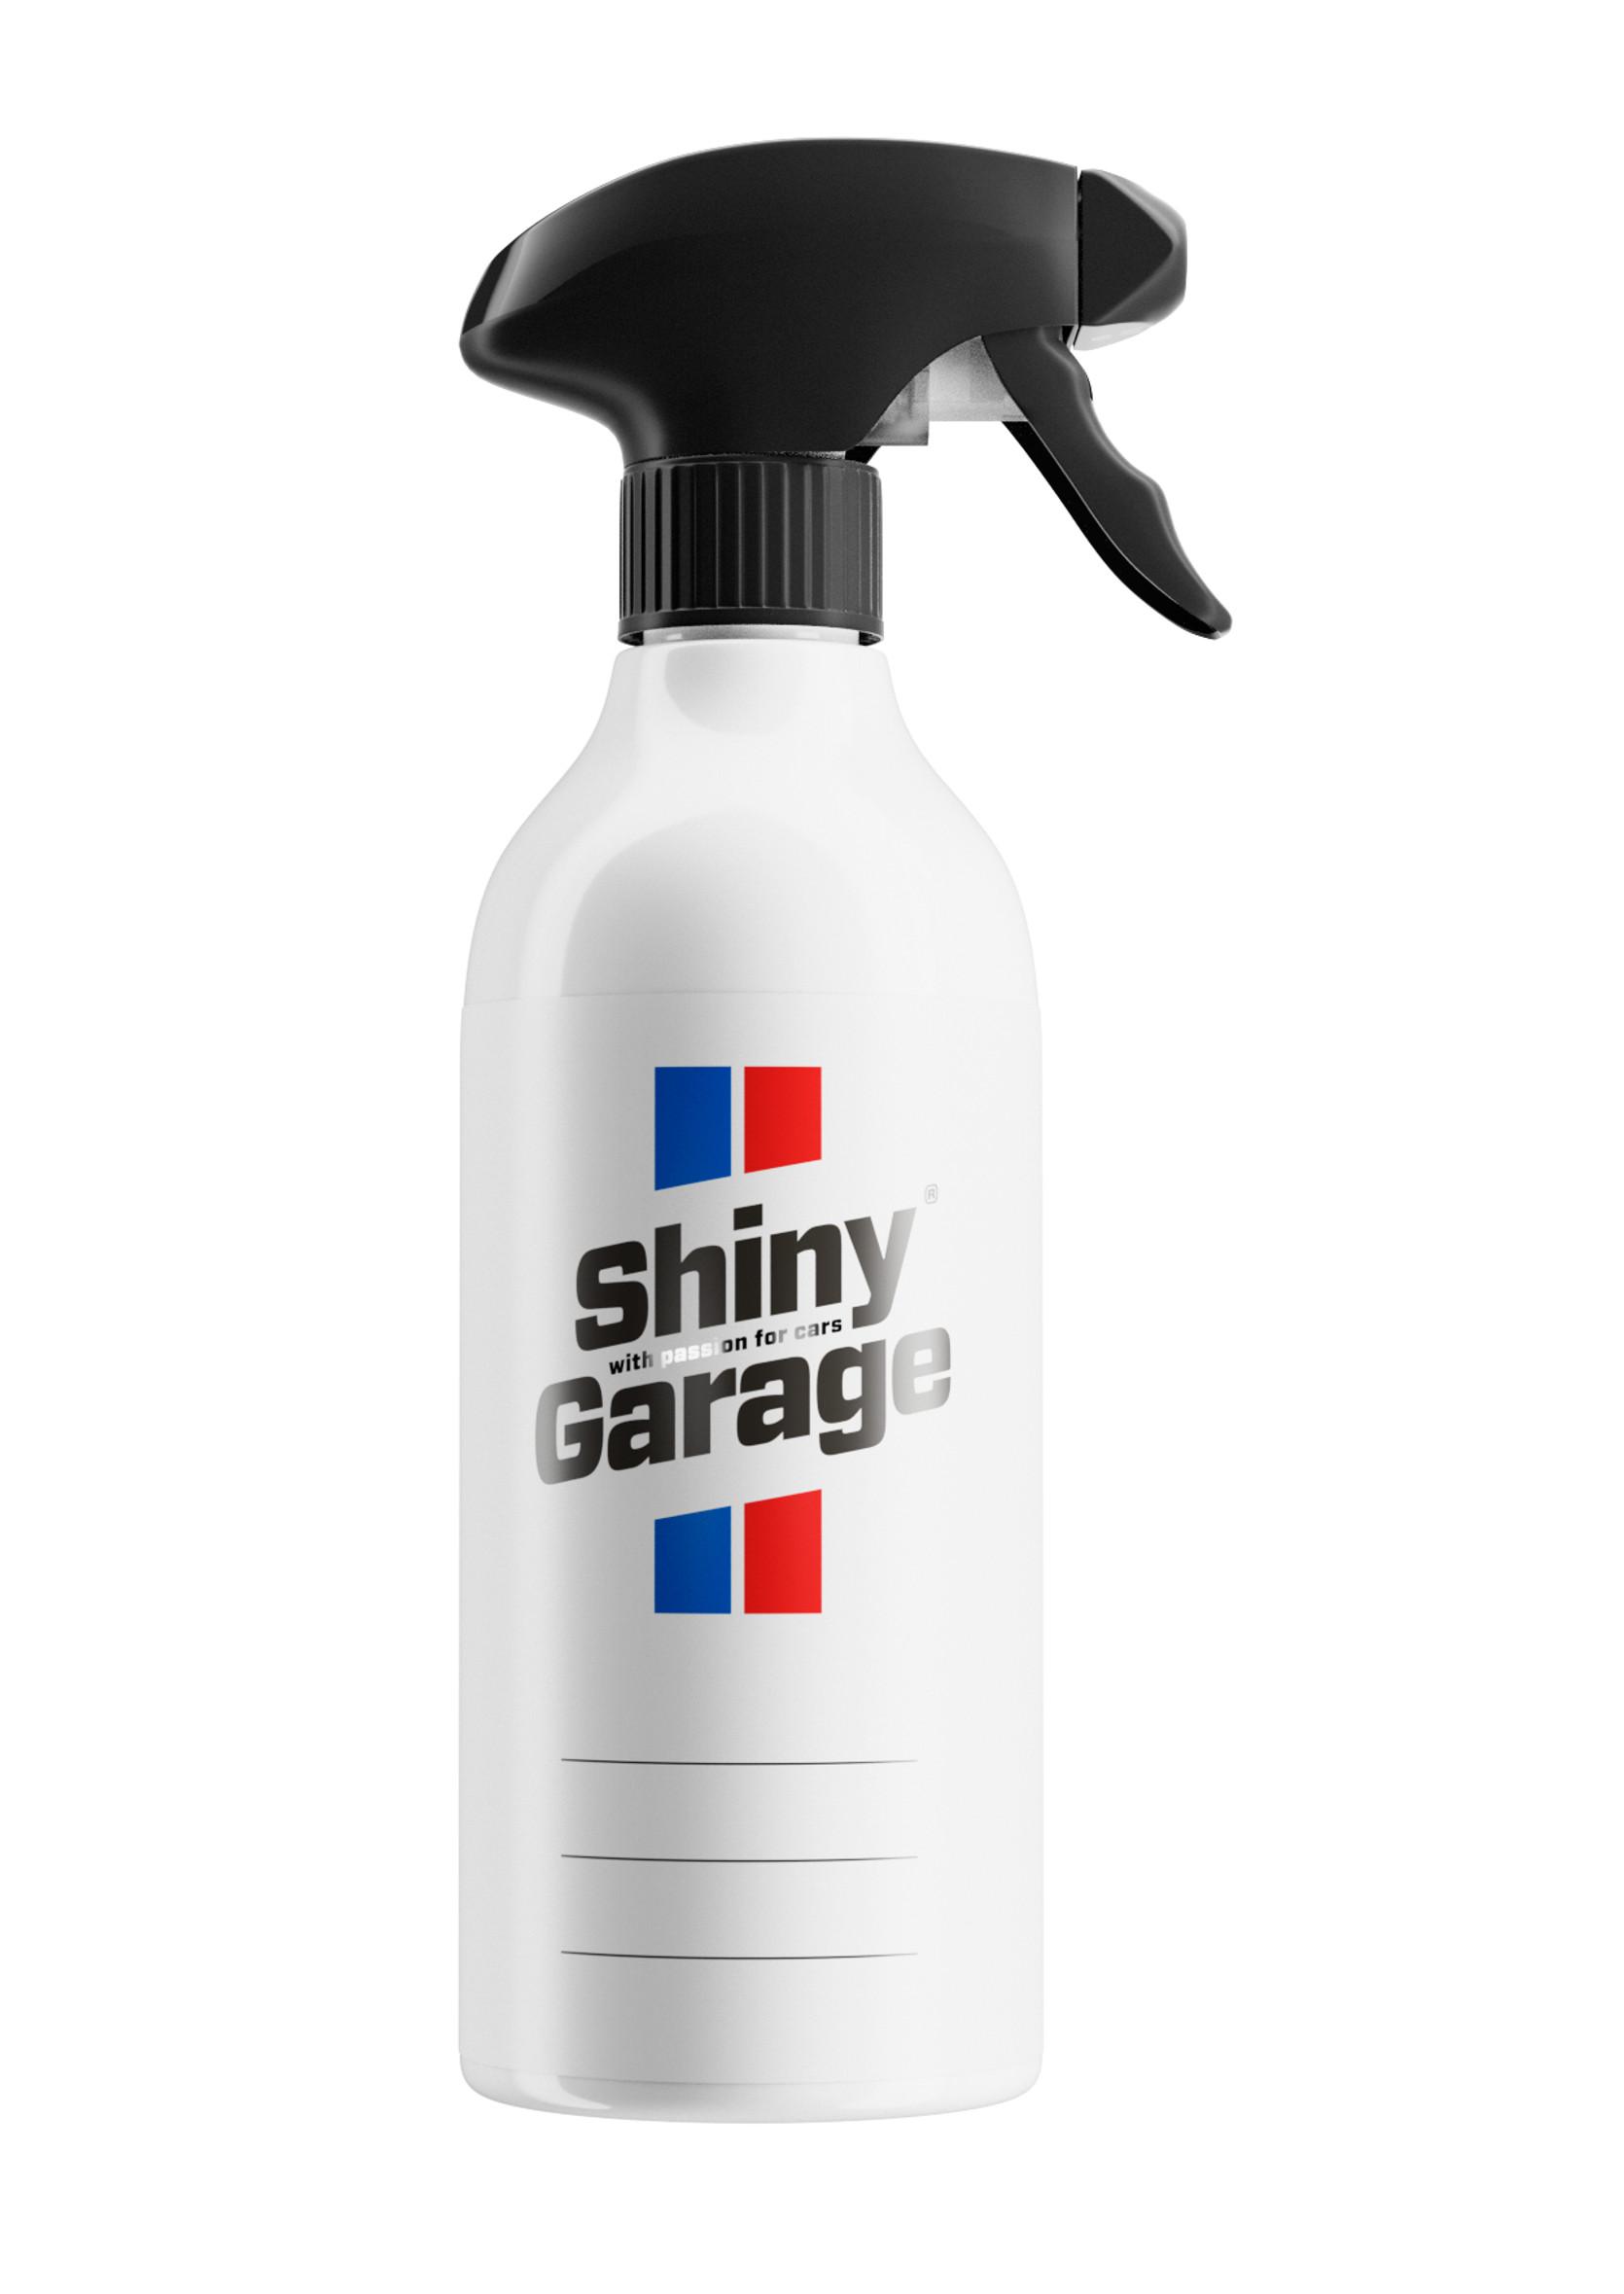 Shiny Garage Butelka PET z pustą etykietą 500ml + atomizer